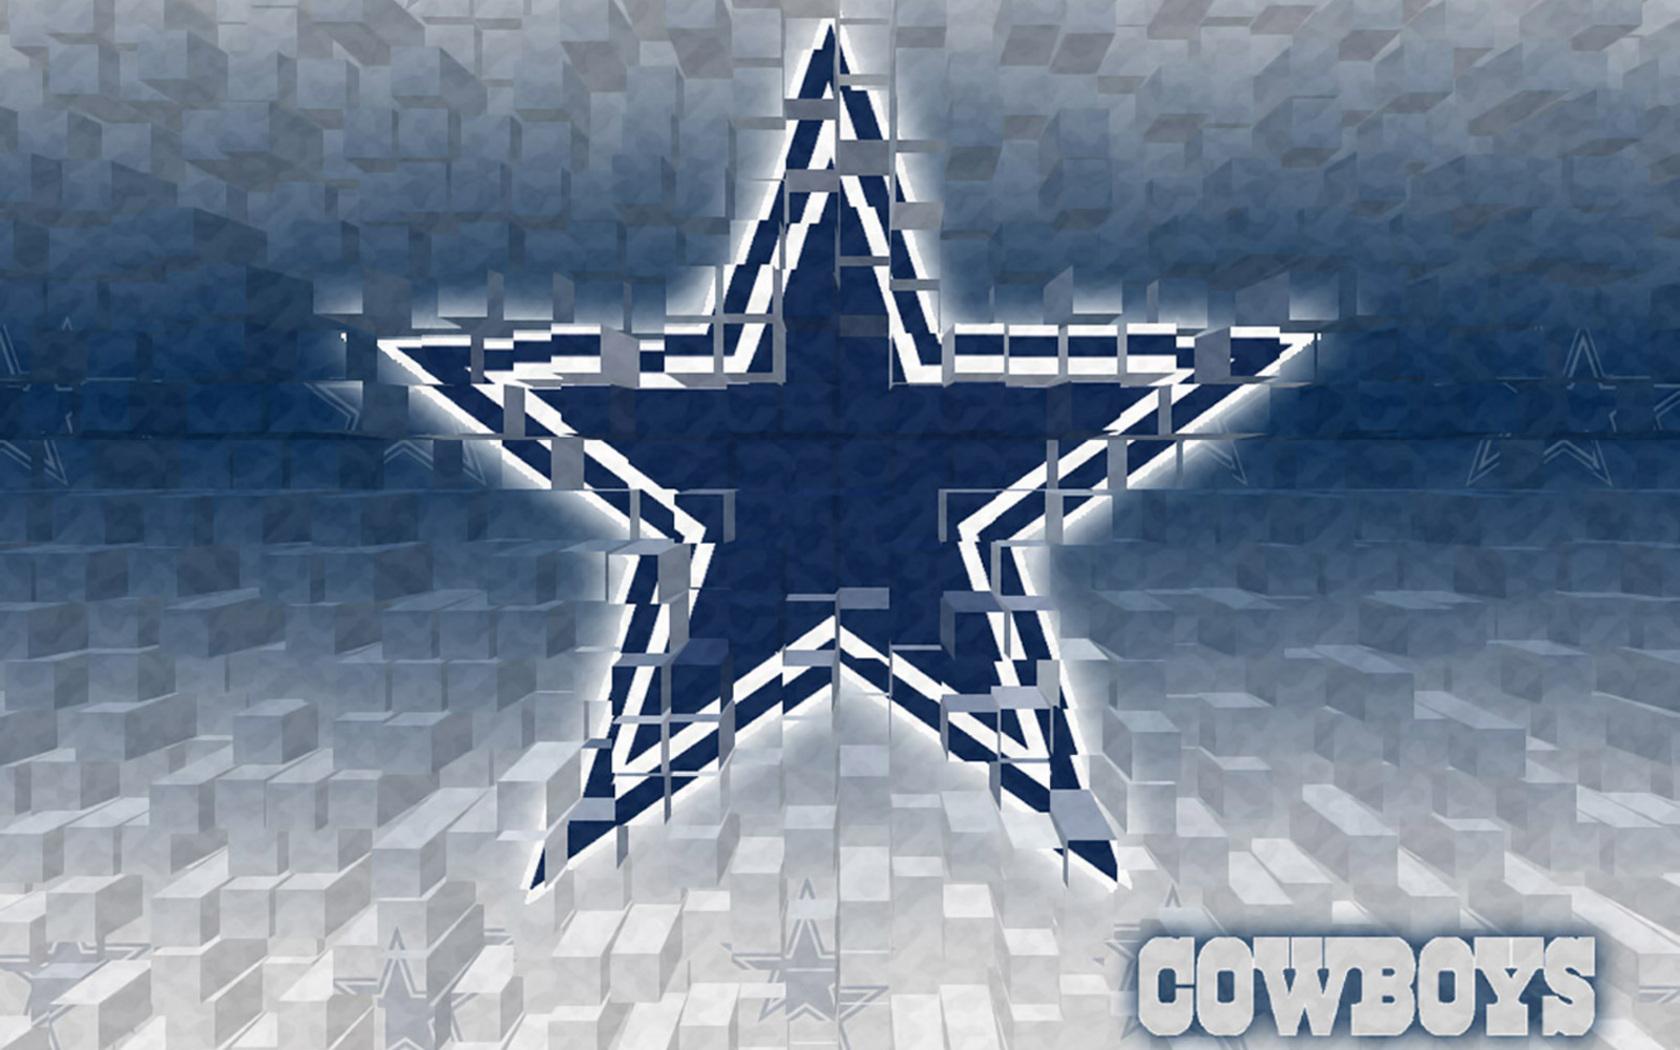 Free Cowboy Wallpaper Cliparts Download Free Clip Art Free Clip